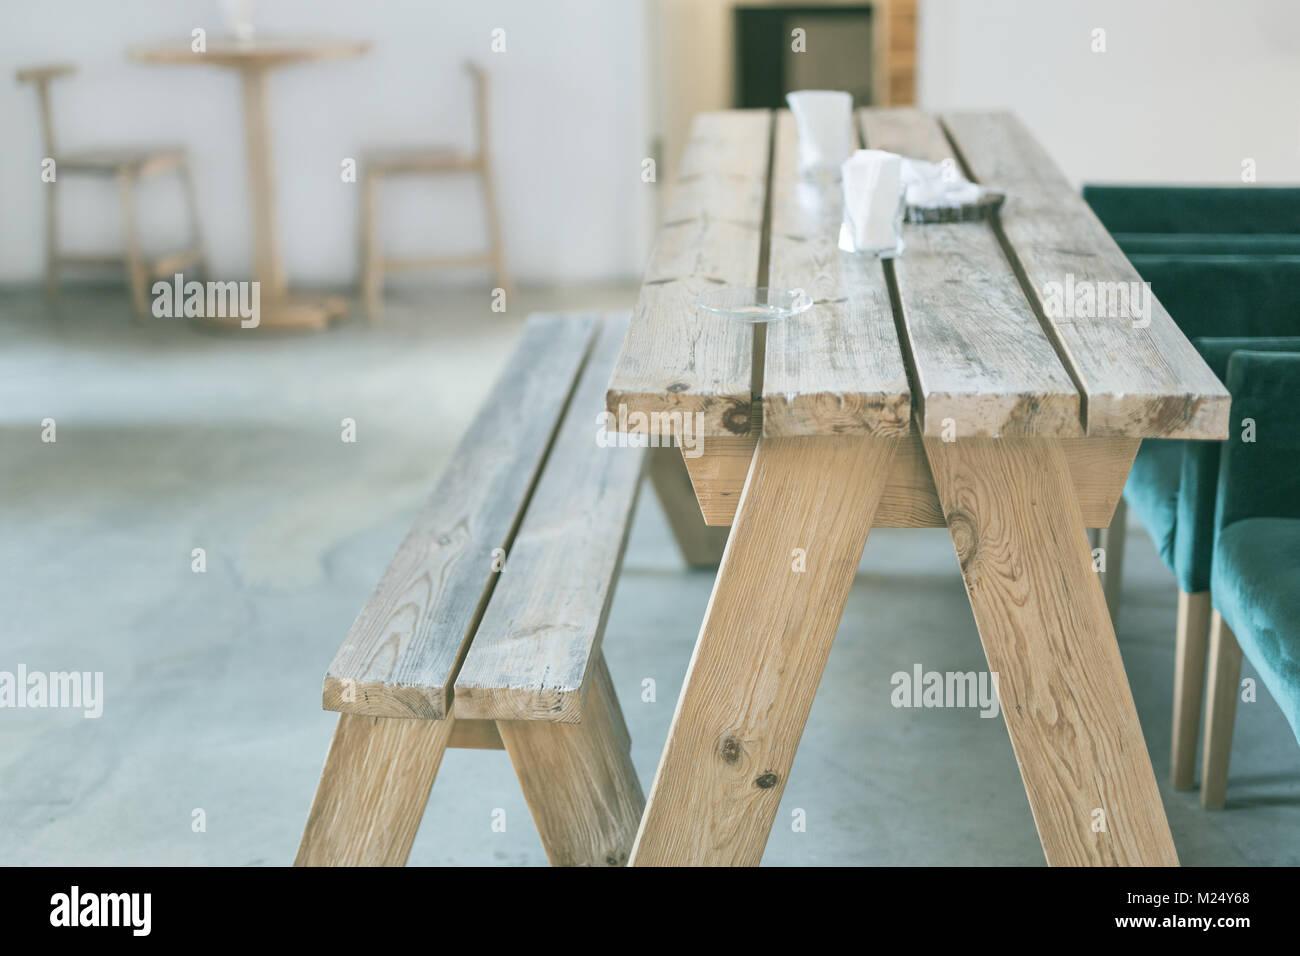 Holz- Bank und Tisch indoor. Ländlich rustikal eingerichtet. Leere ...